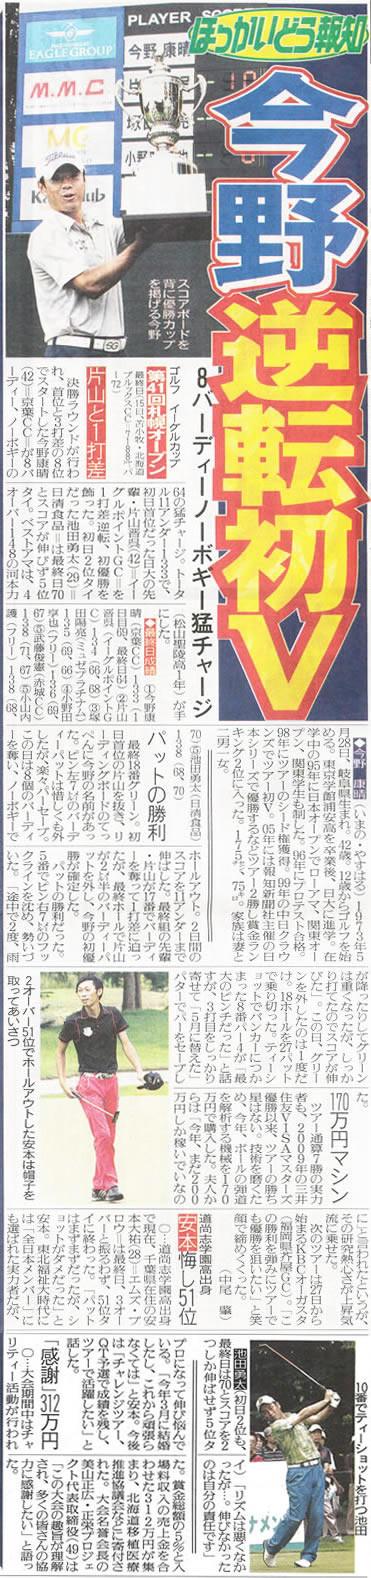 スポーツ報知 北海道(22)